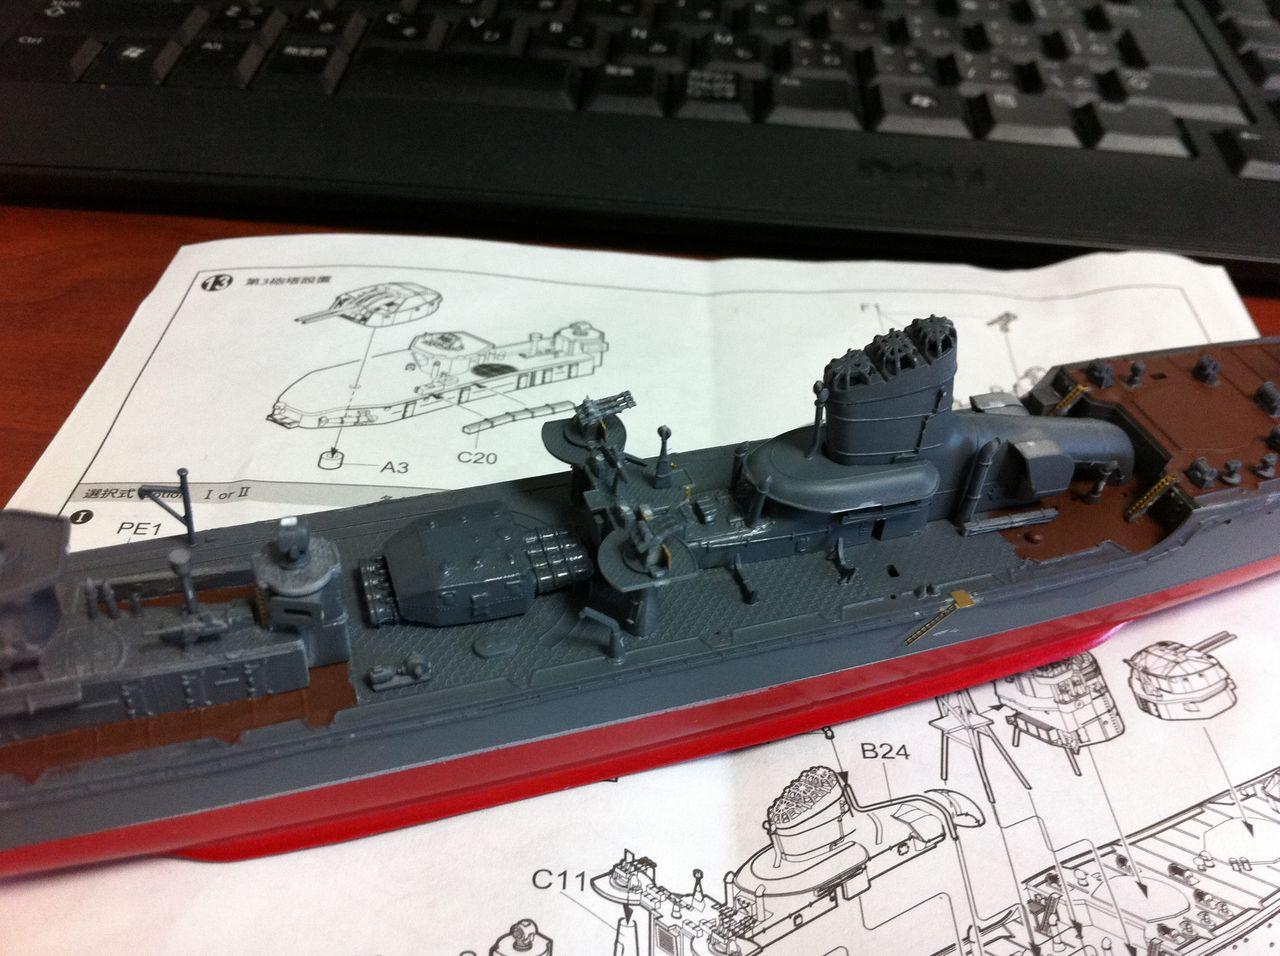 1 350スケール船舶模型の航海日記  防空駆逐艦 秋月 製作4コメントトラックバック                model1360